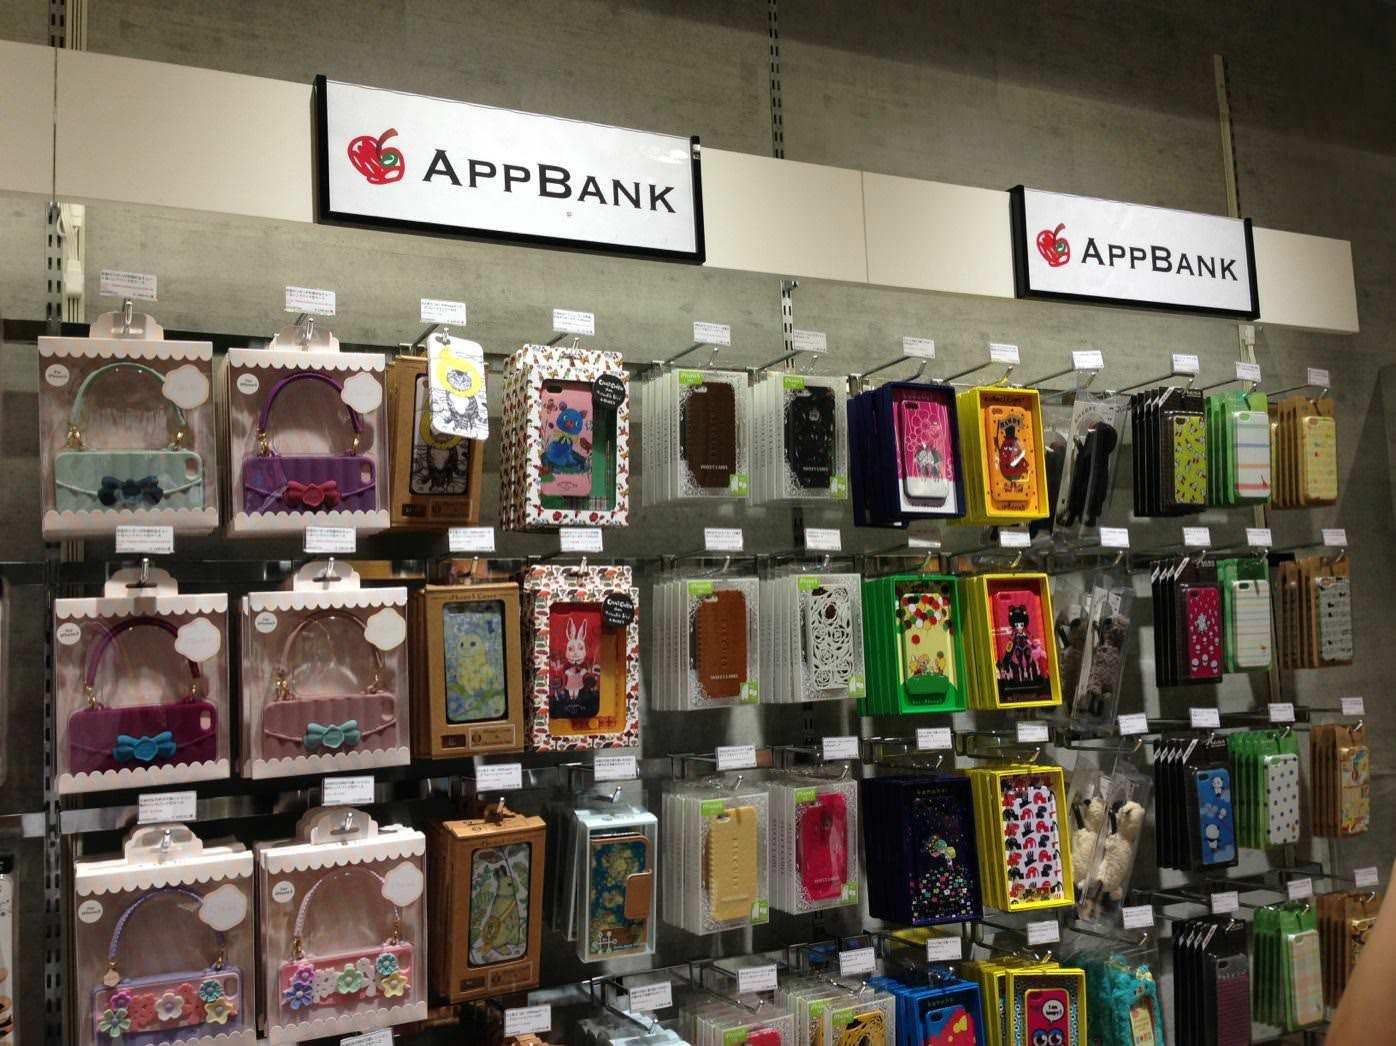 AppBank Store 新宿のケースラインナップ